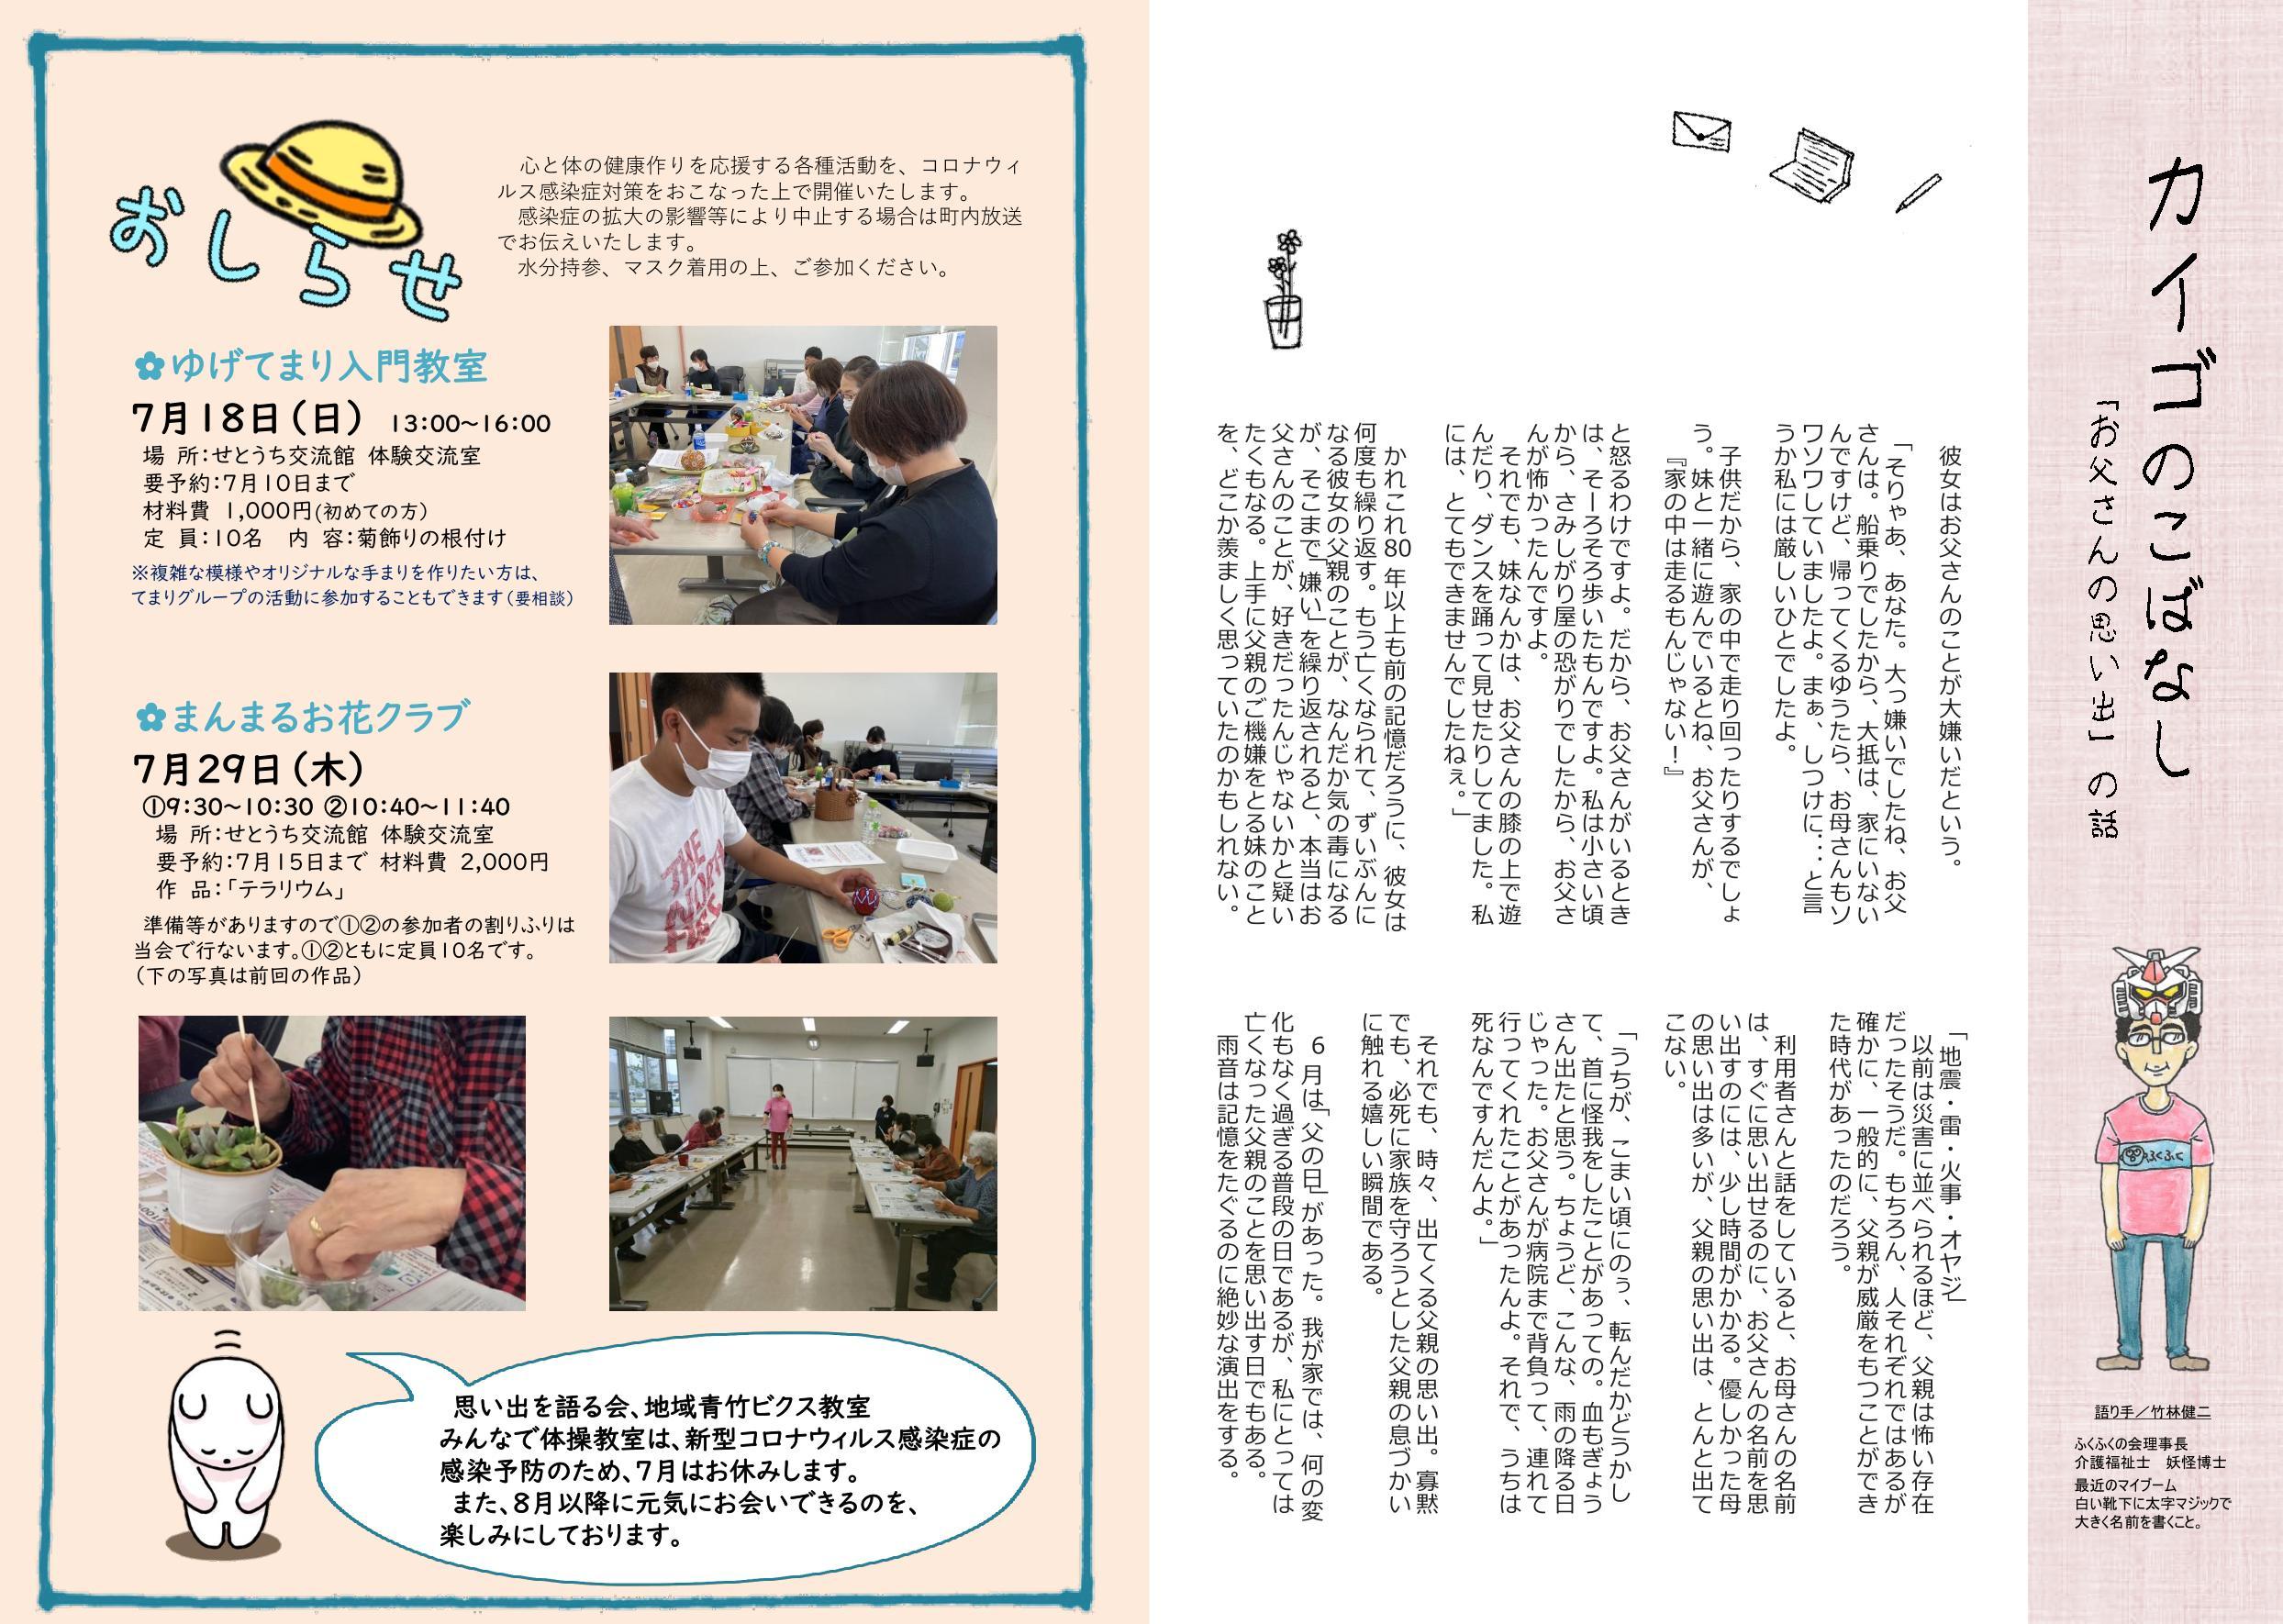 http://fukufukunokai.com/newsletter/images/6%E6%9C%88%E5%8F%B7_cropped_4.jpeg